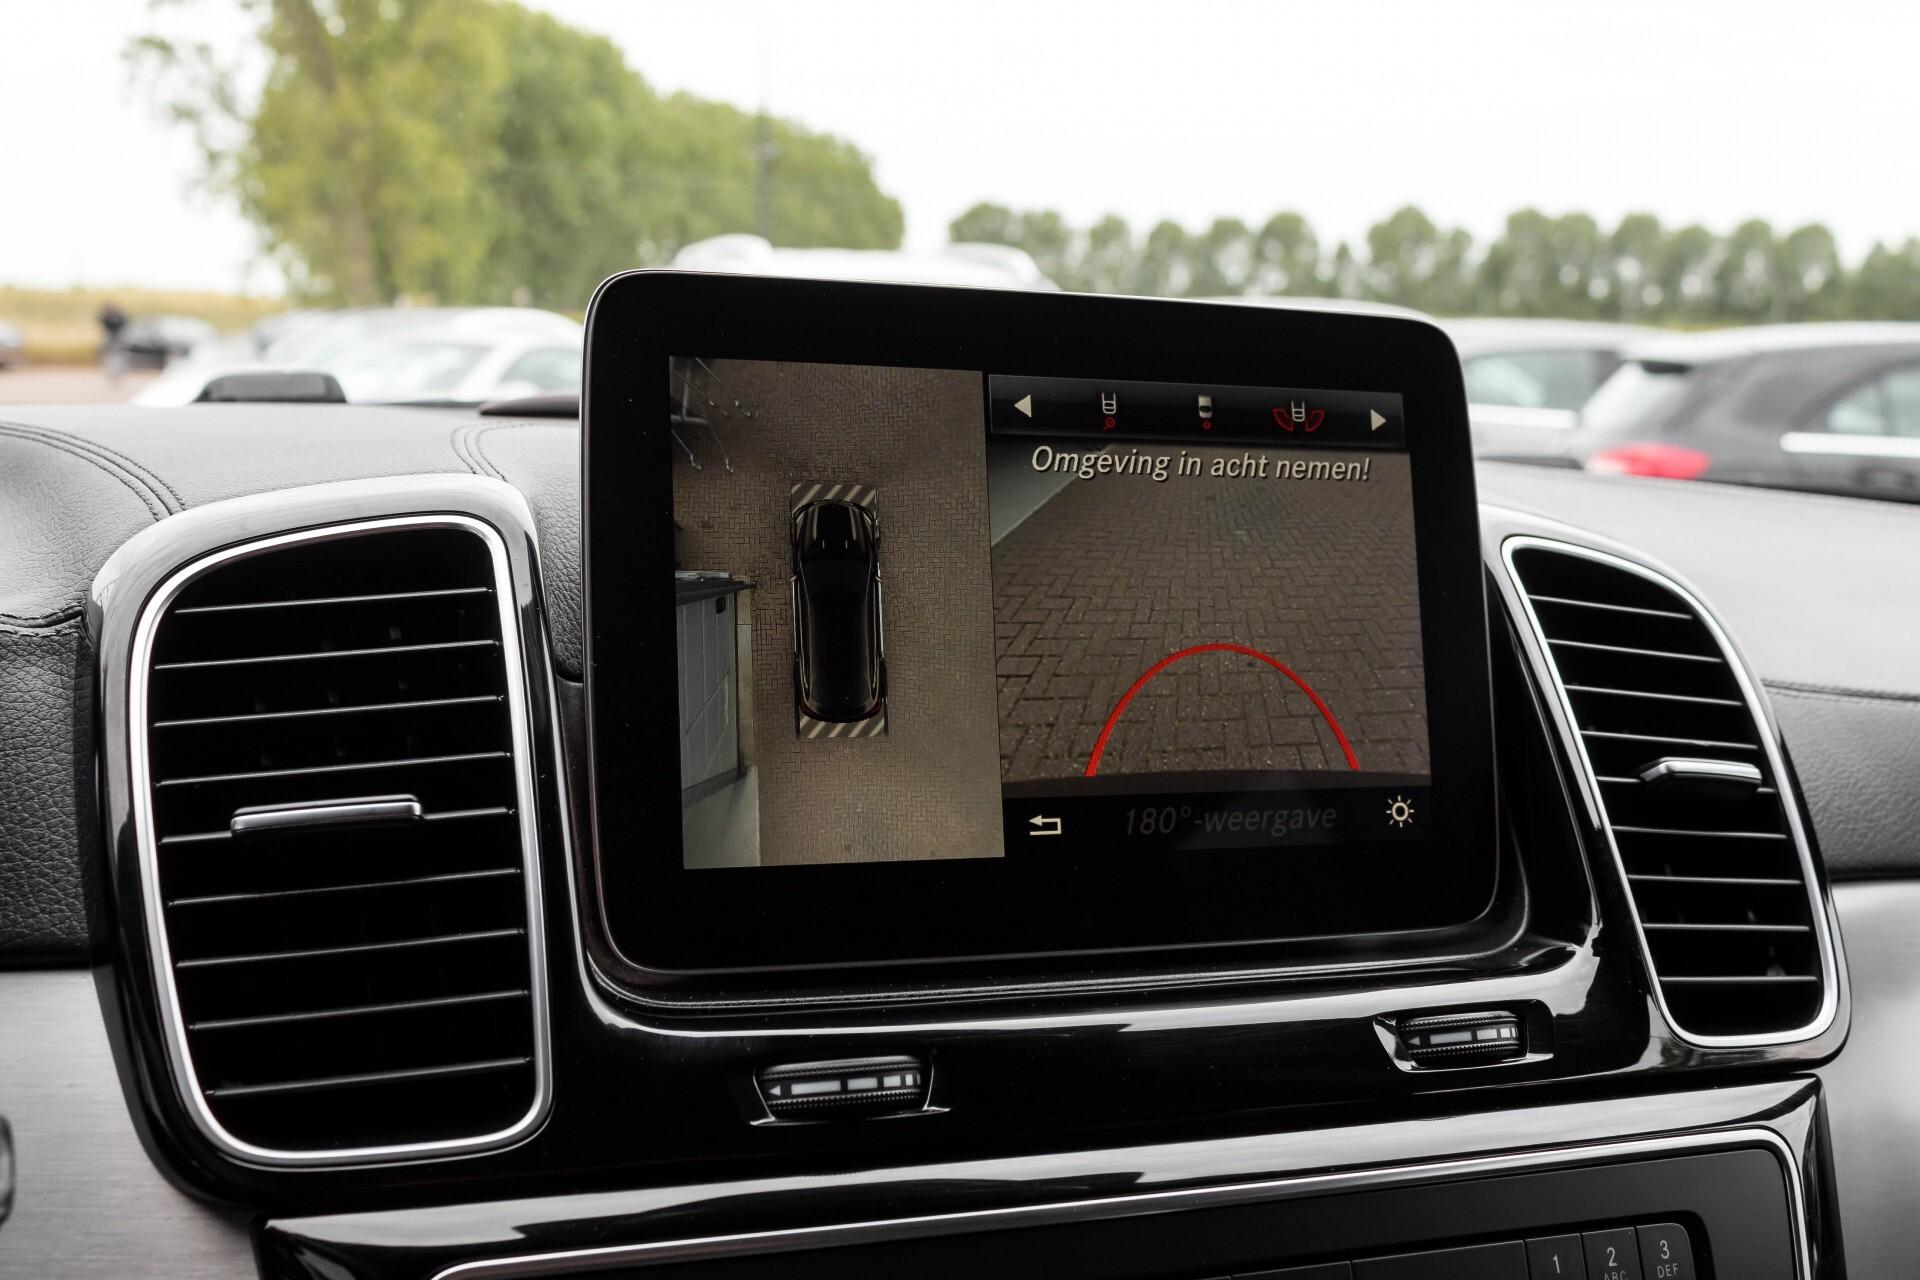 Mercedes-Benz GLE Coupé 350 d 4-M AMG Luchtvering/Distronic/Panorama/Mem/Trekhaak Aut9 Foto 40